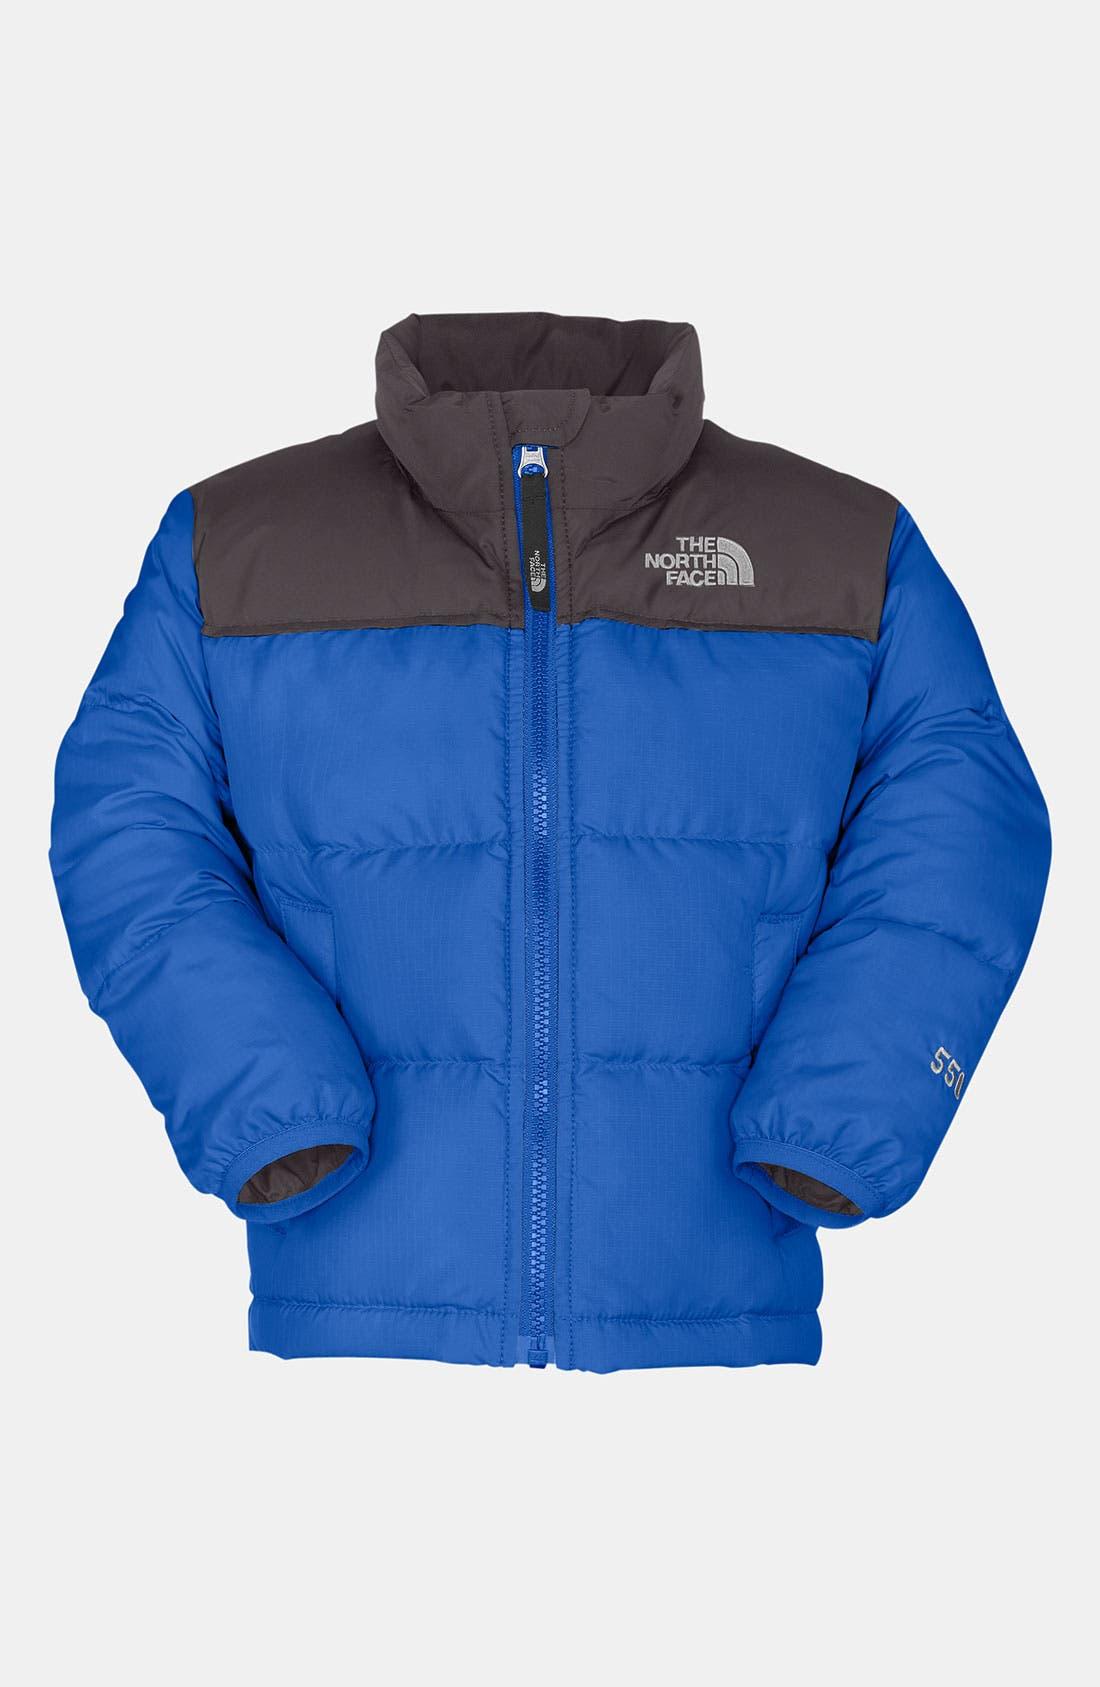 Main Image - The North Face 'Nuptse' Down Jacket (Toddler)